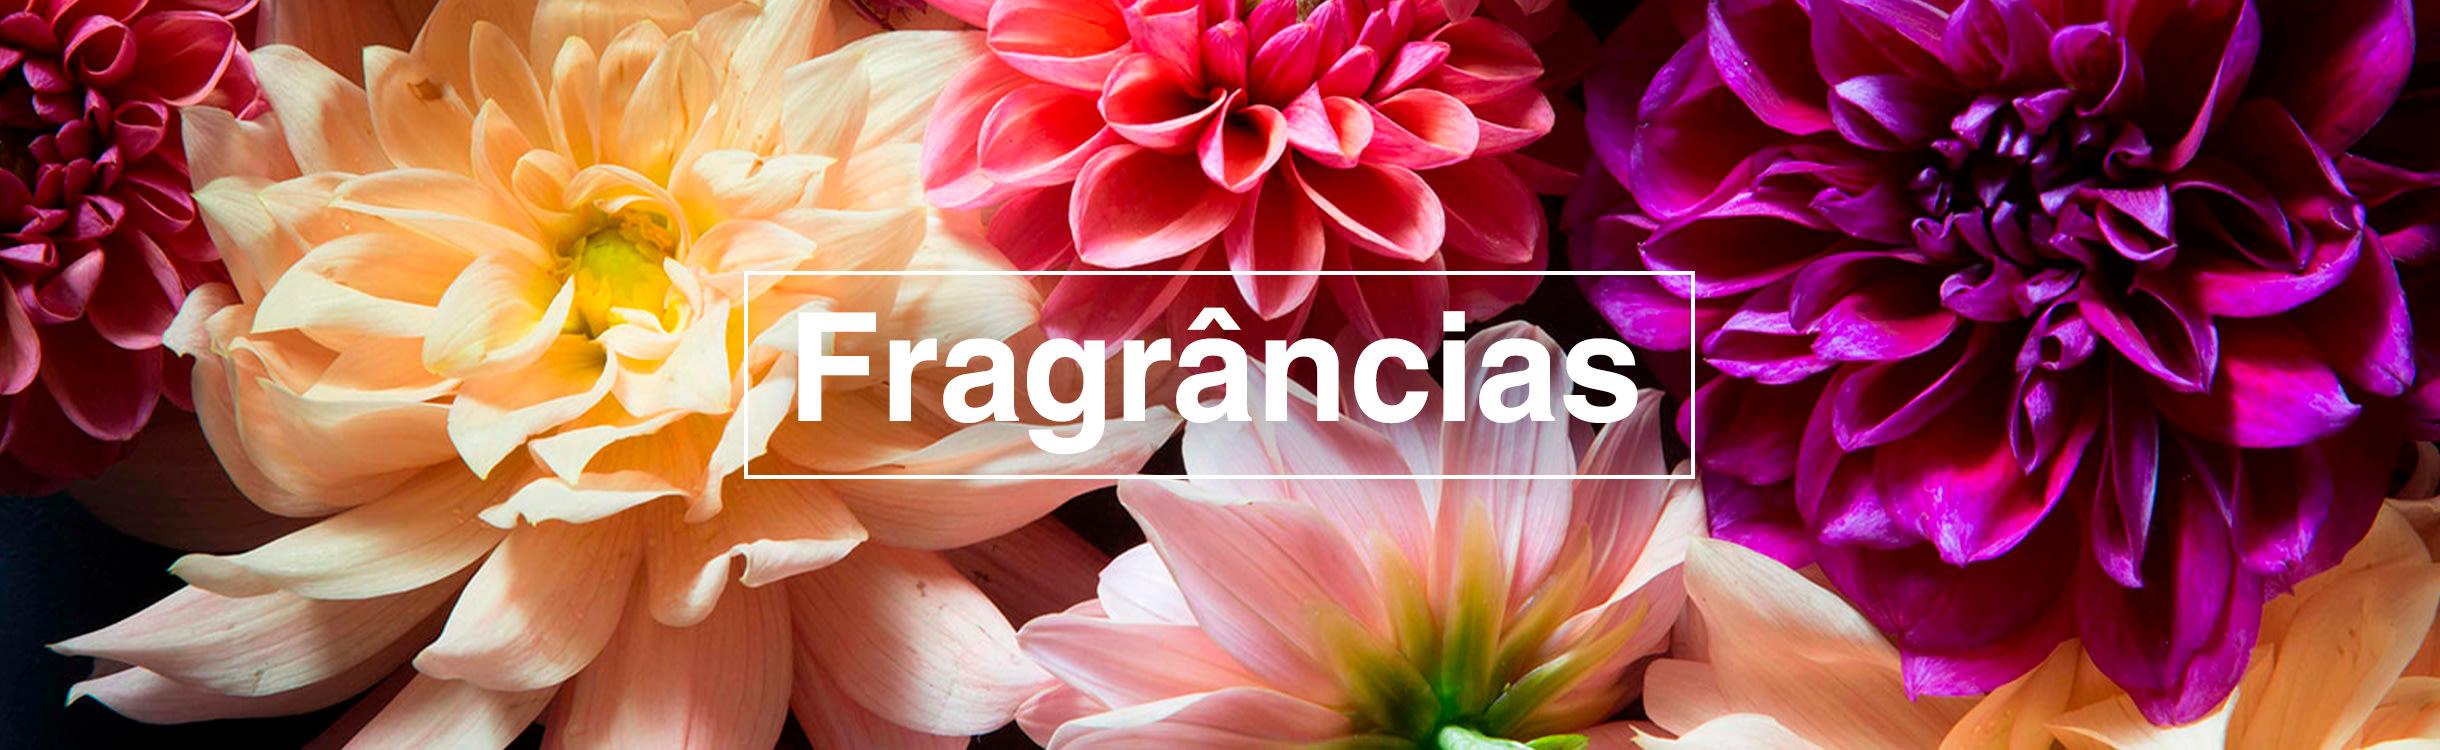 Perfumes e fragrâncias